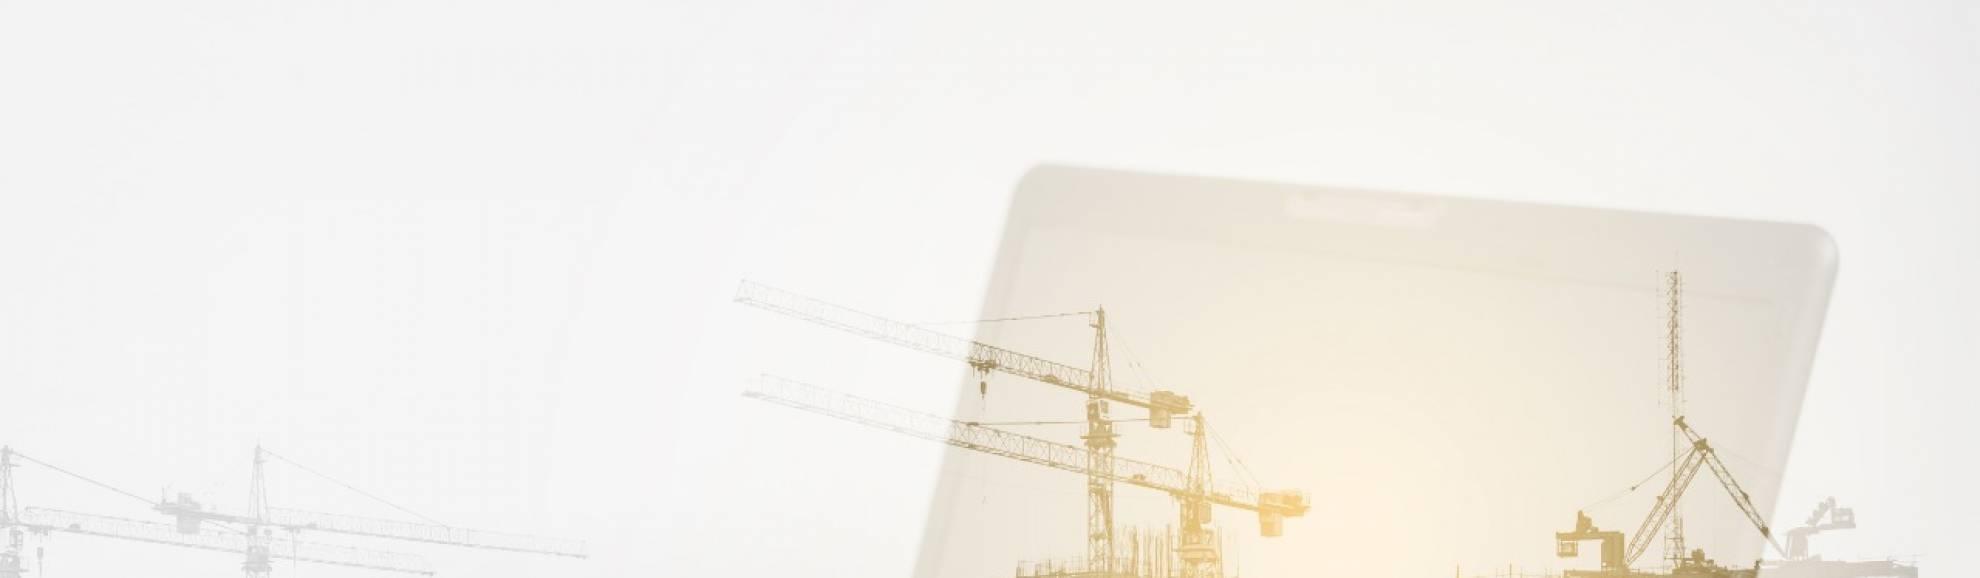 glass-institucional-construção-civil